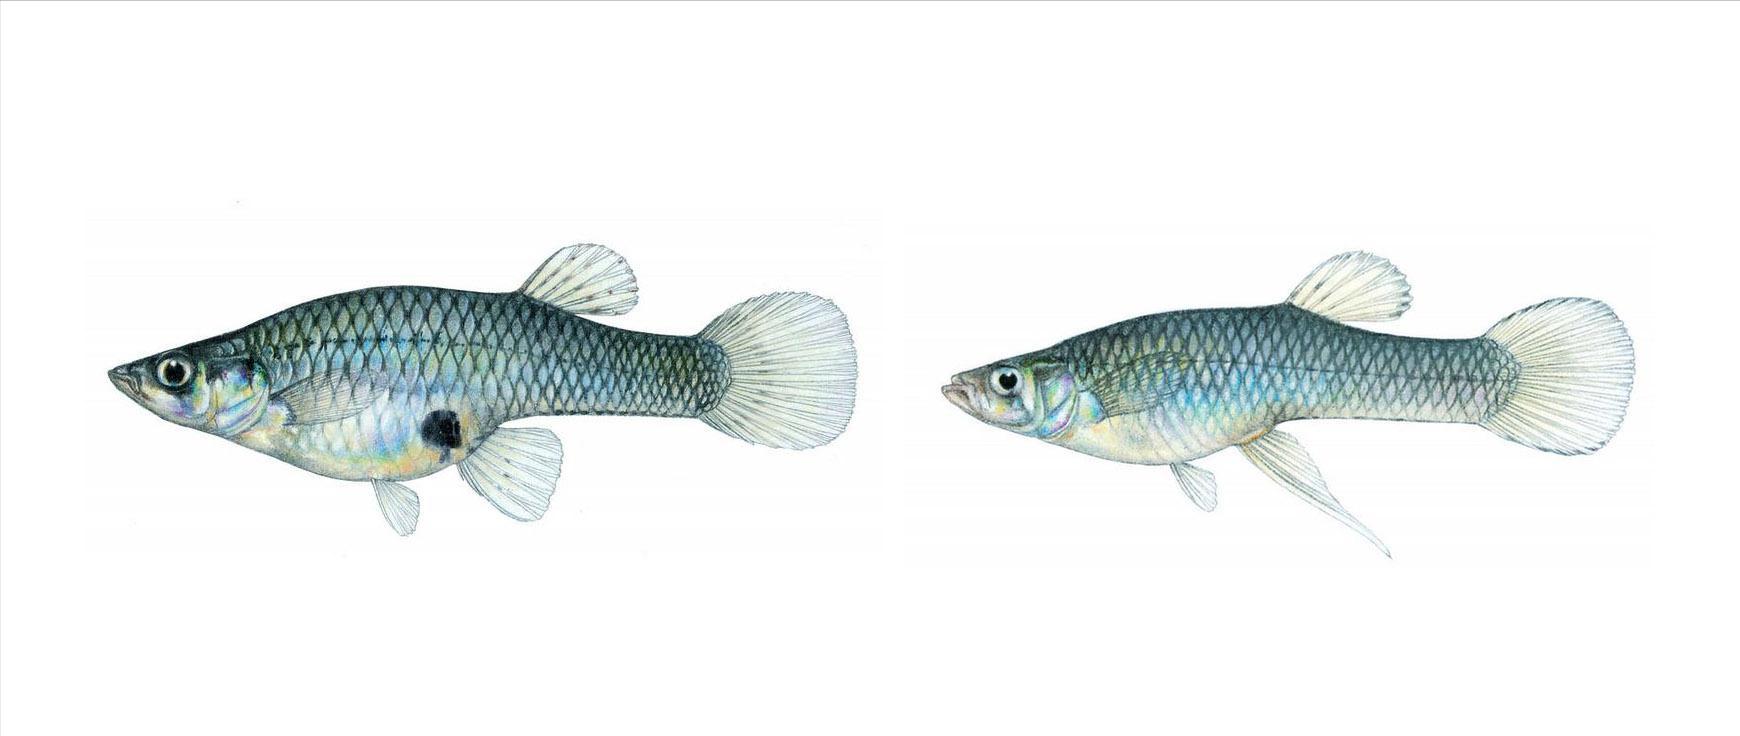 食蚊鱼向北方挺进,一年繁殖5次,能吞下罗非鱼 专家:已发生变异